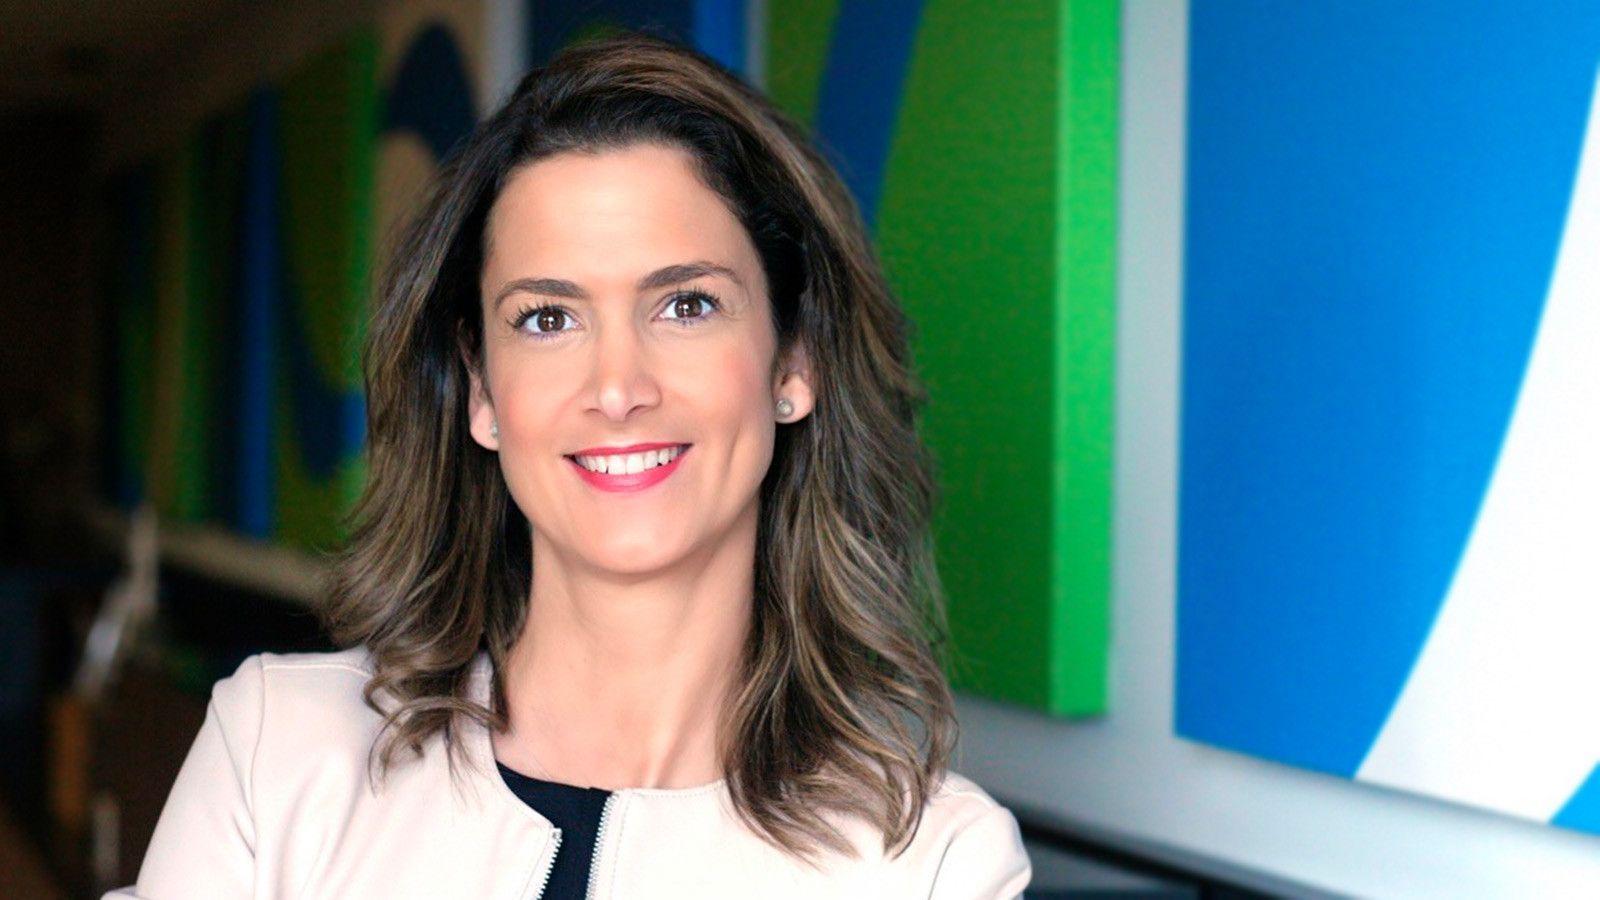 Entrevista a Pelayo seguros: Desarrollo digital para la actividad aseguradora